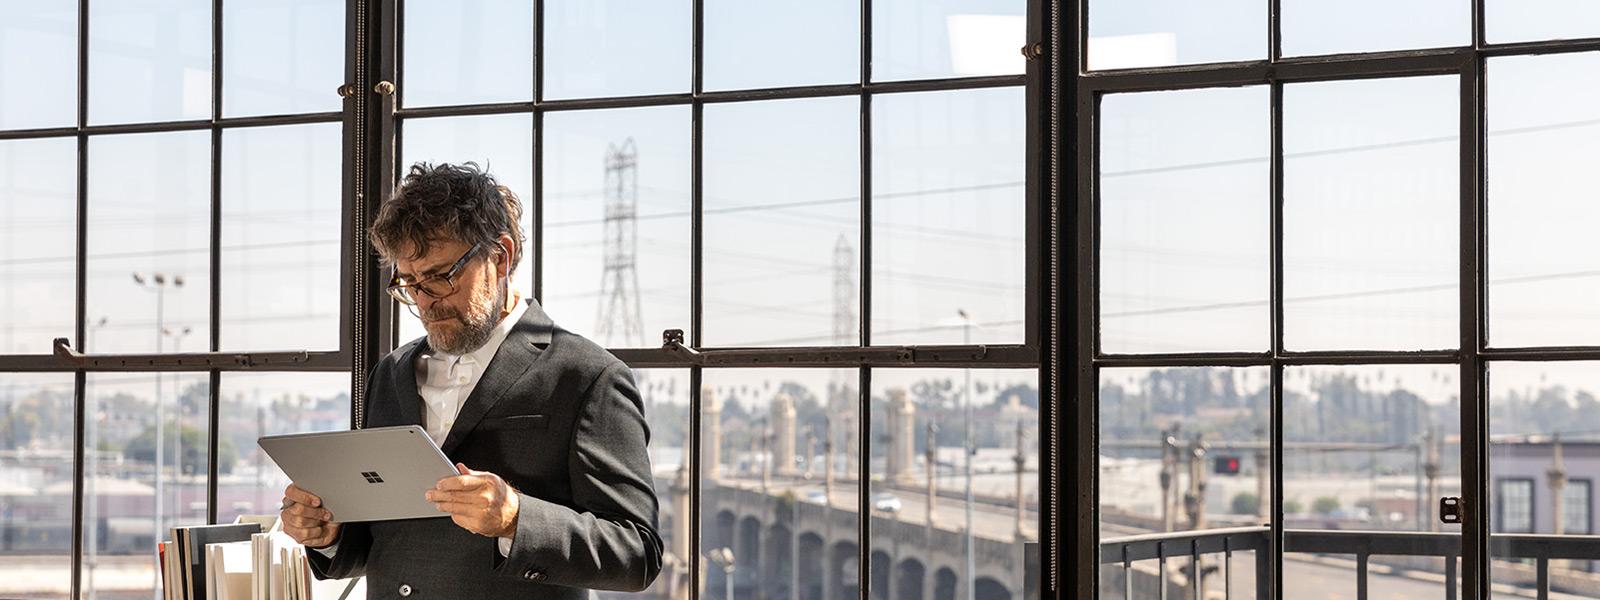 Ein Mann, der an einem Fenster steht, schaut auf sein Surface Book 3